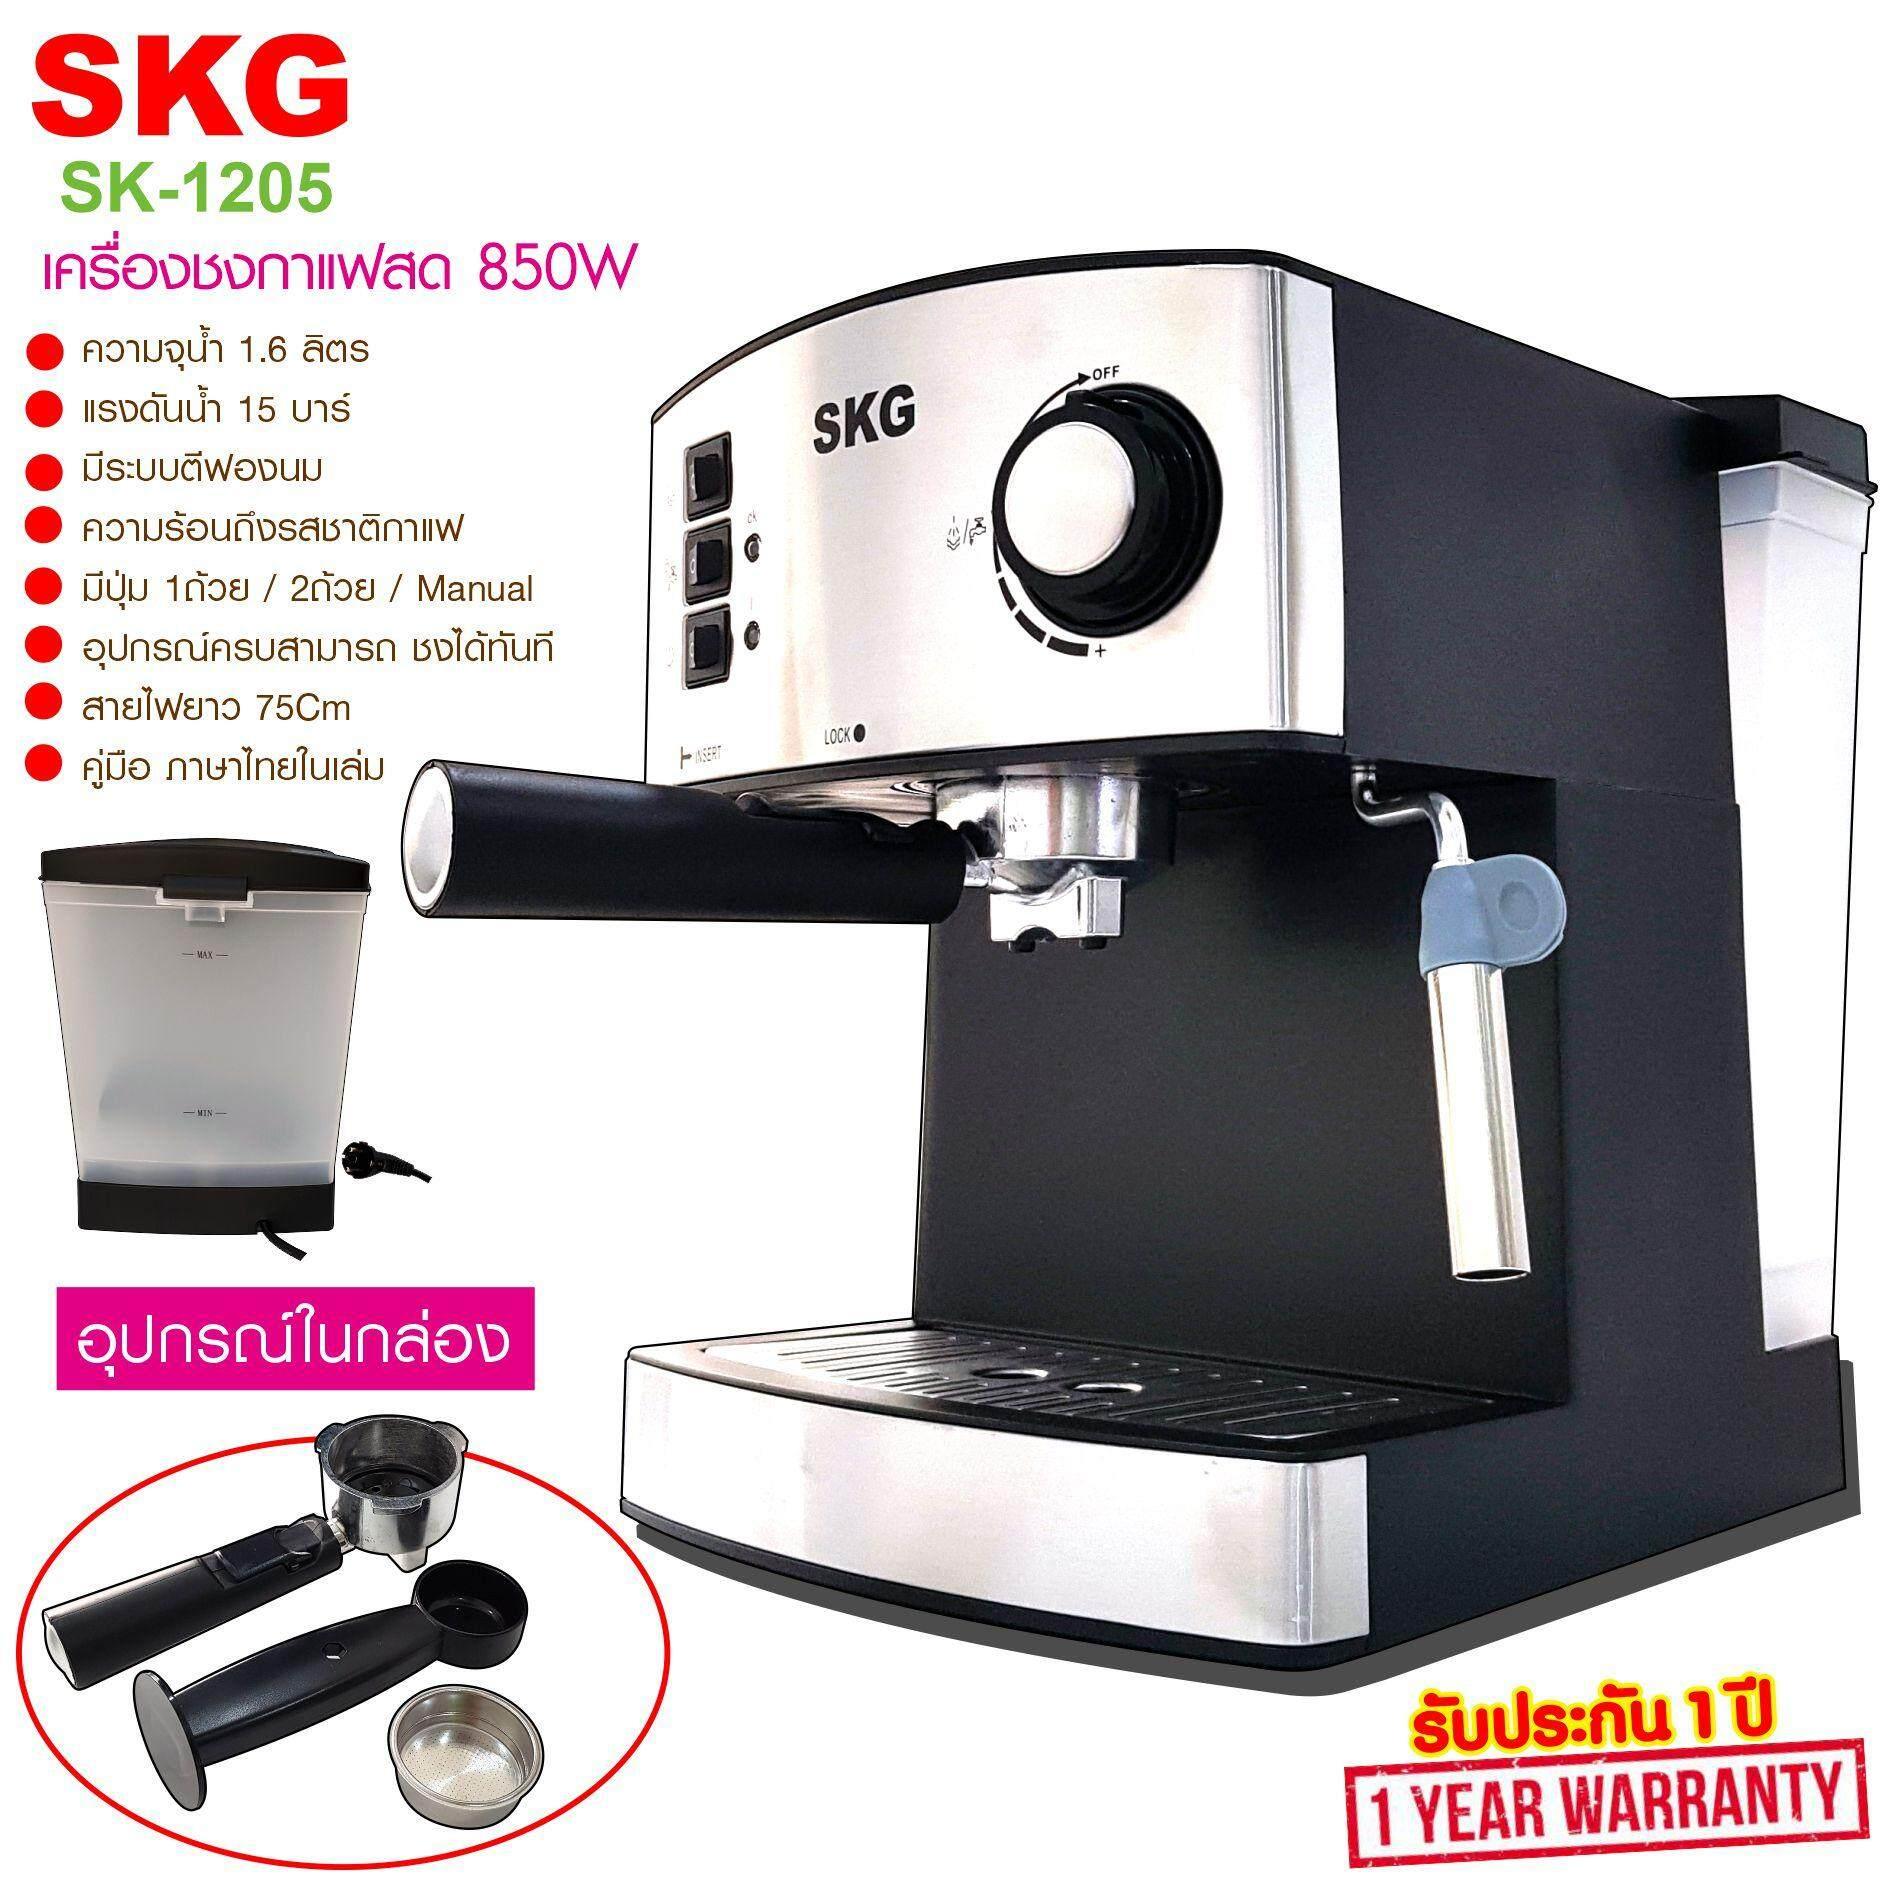 SKG เครื่องชงกาแฟสด 850W 1.6ลิตร รุ่น SK-1205 สีเงิน  - b38e401b03ff743ca86fff3896eb0f86 - แนะนำเครื่องชงกาแฟชุดเล็ก สำหรับเริ่มต้น